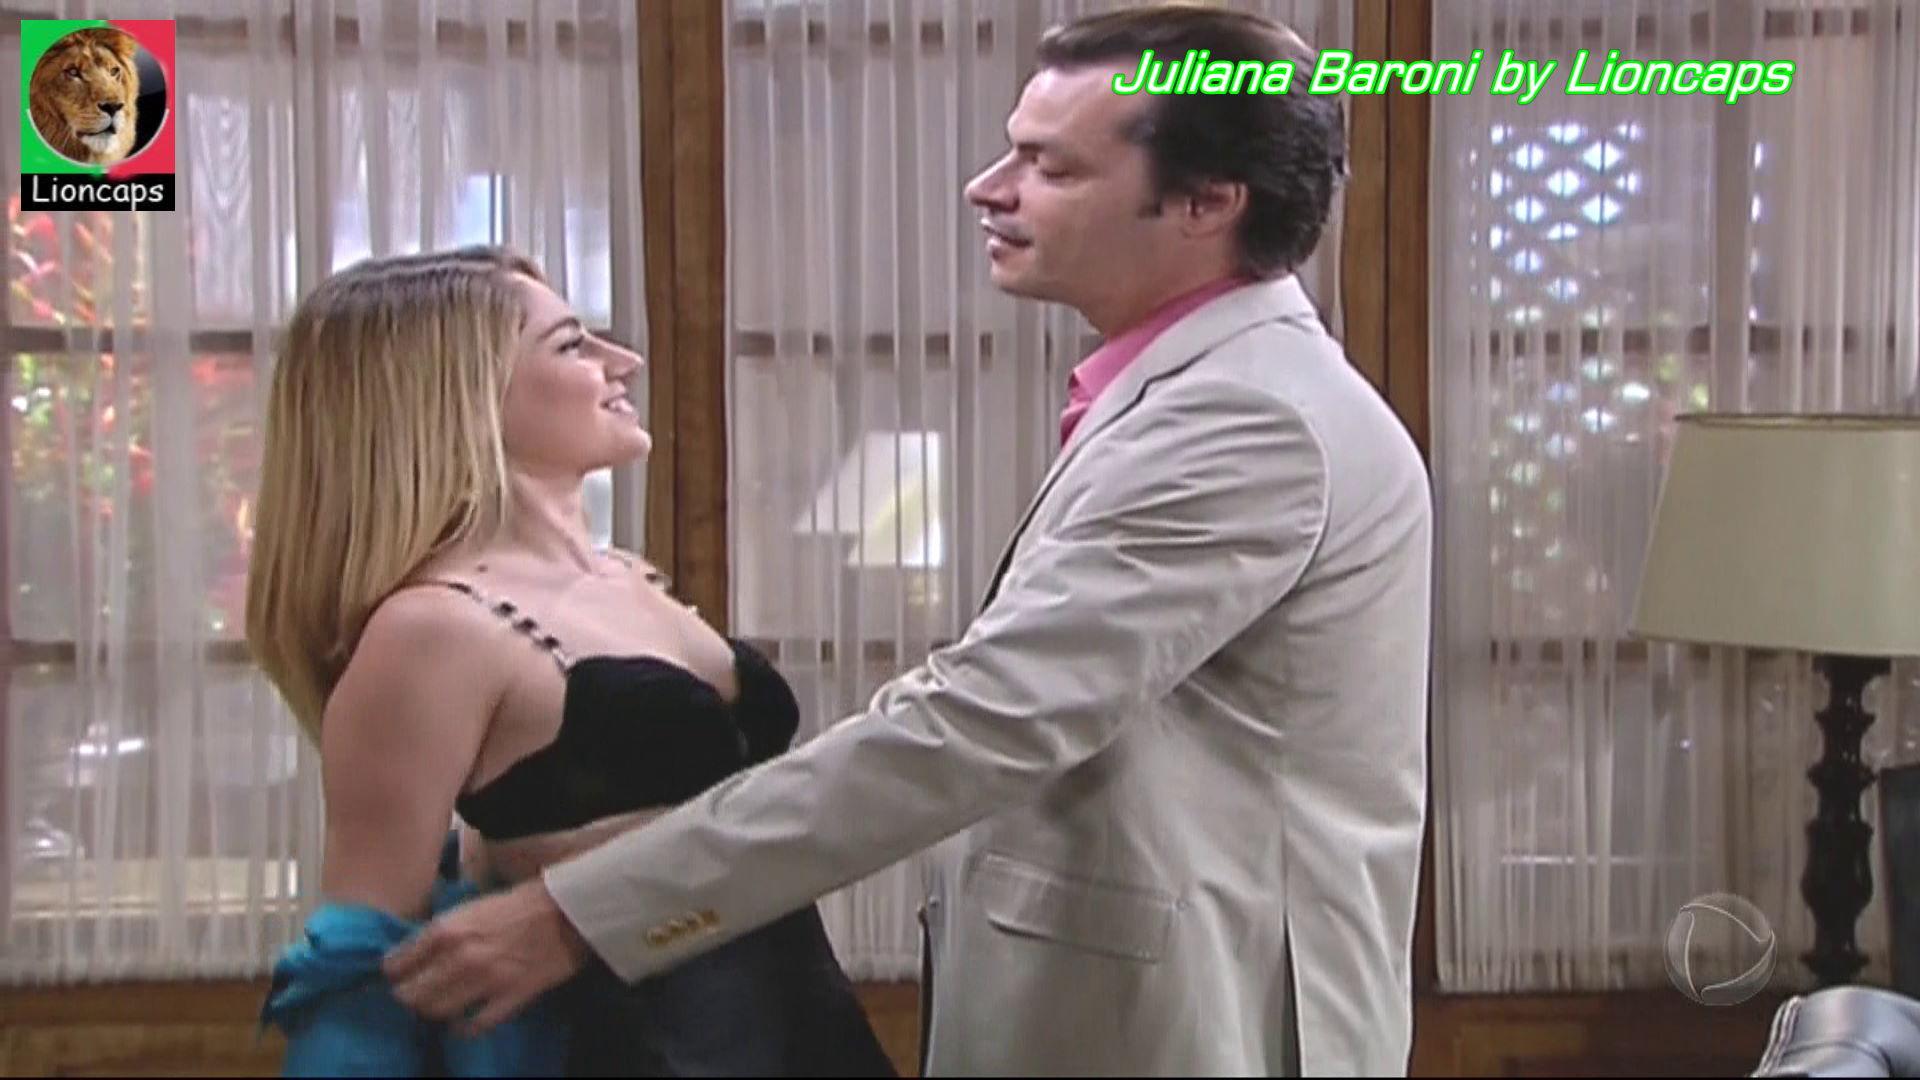 790098531_juliana_baroni_ribeirao_vs180101_0015_122_460lo.JPG